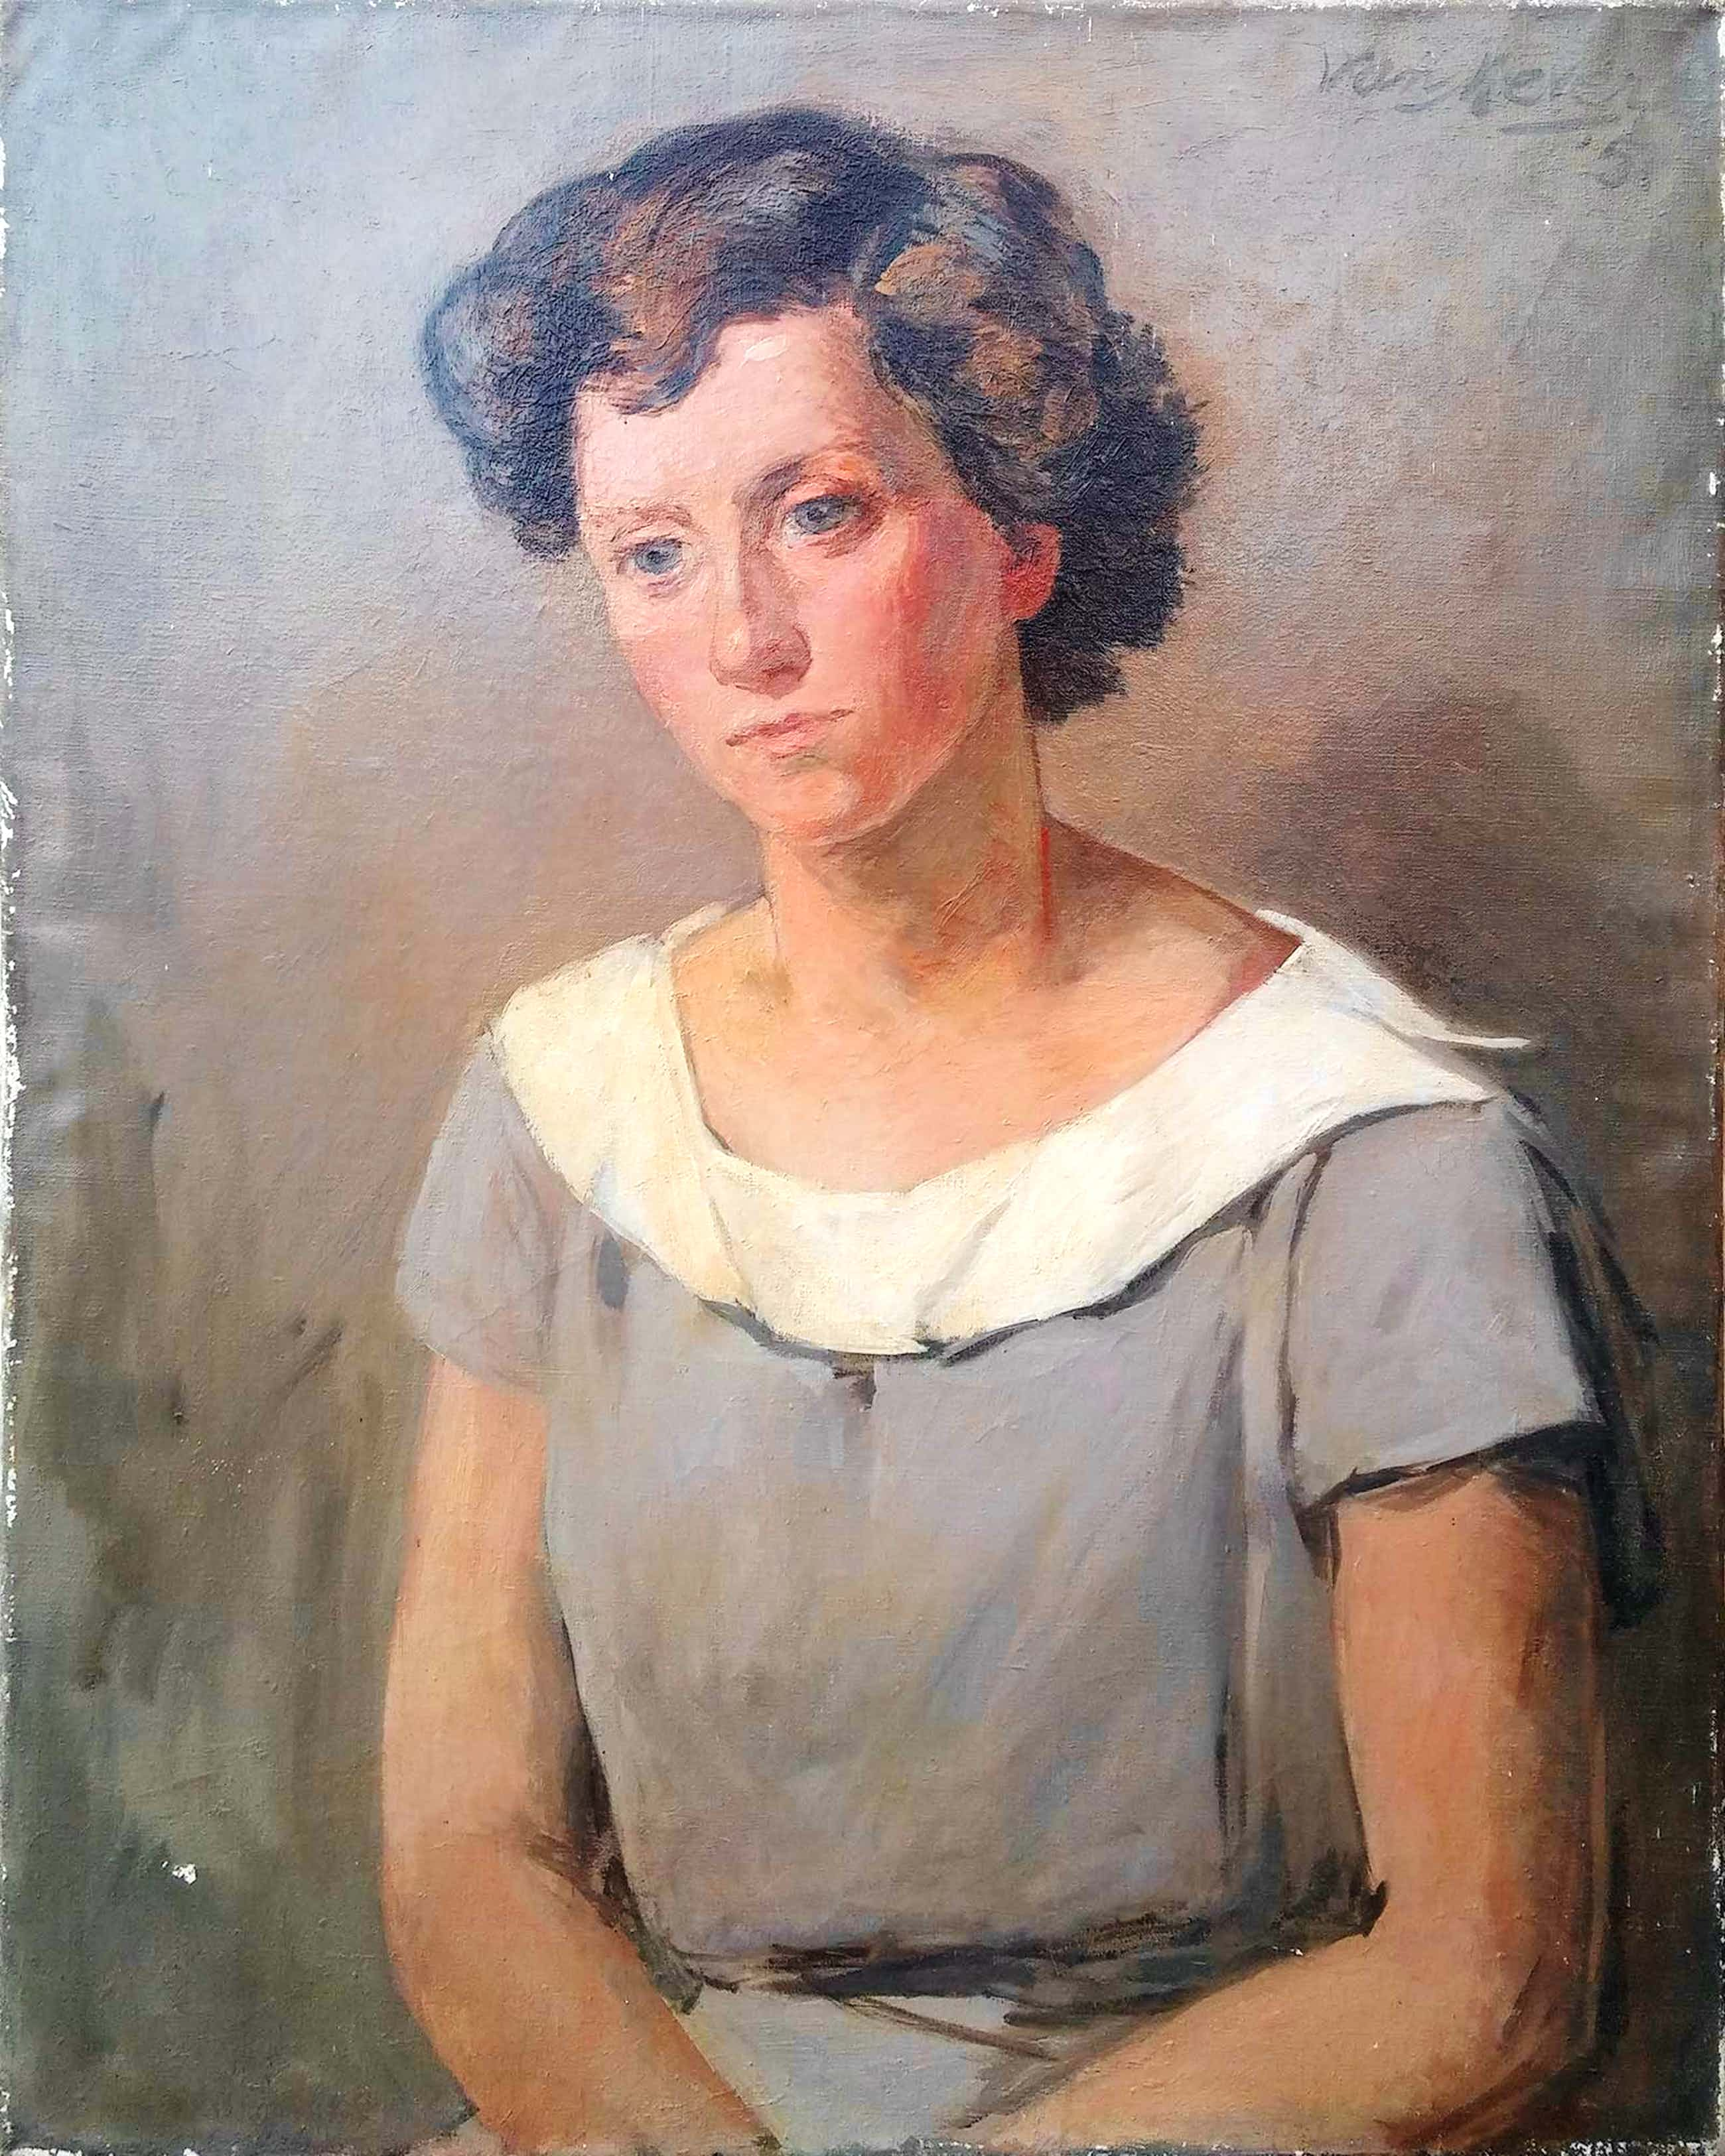 Arie van Mever - Portret van een dame - olieverf 1951 - 20334 kopen? Bied vanaf 75!